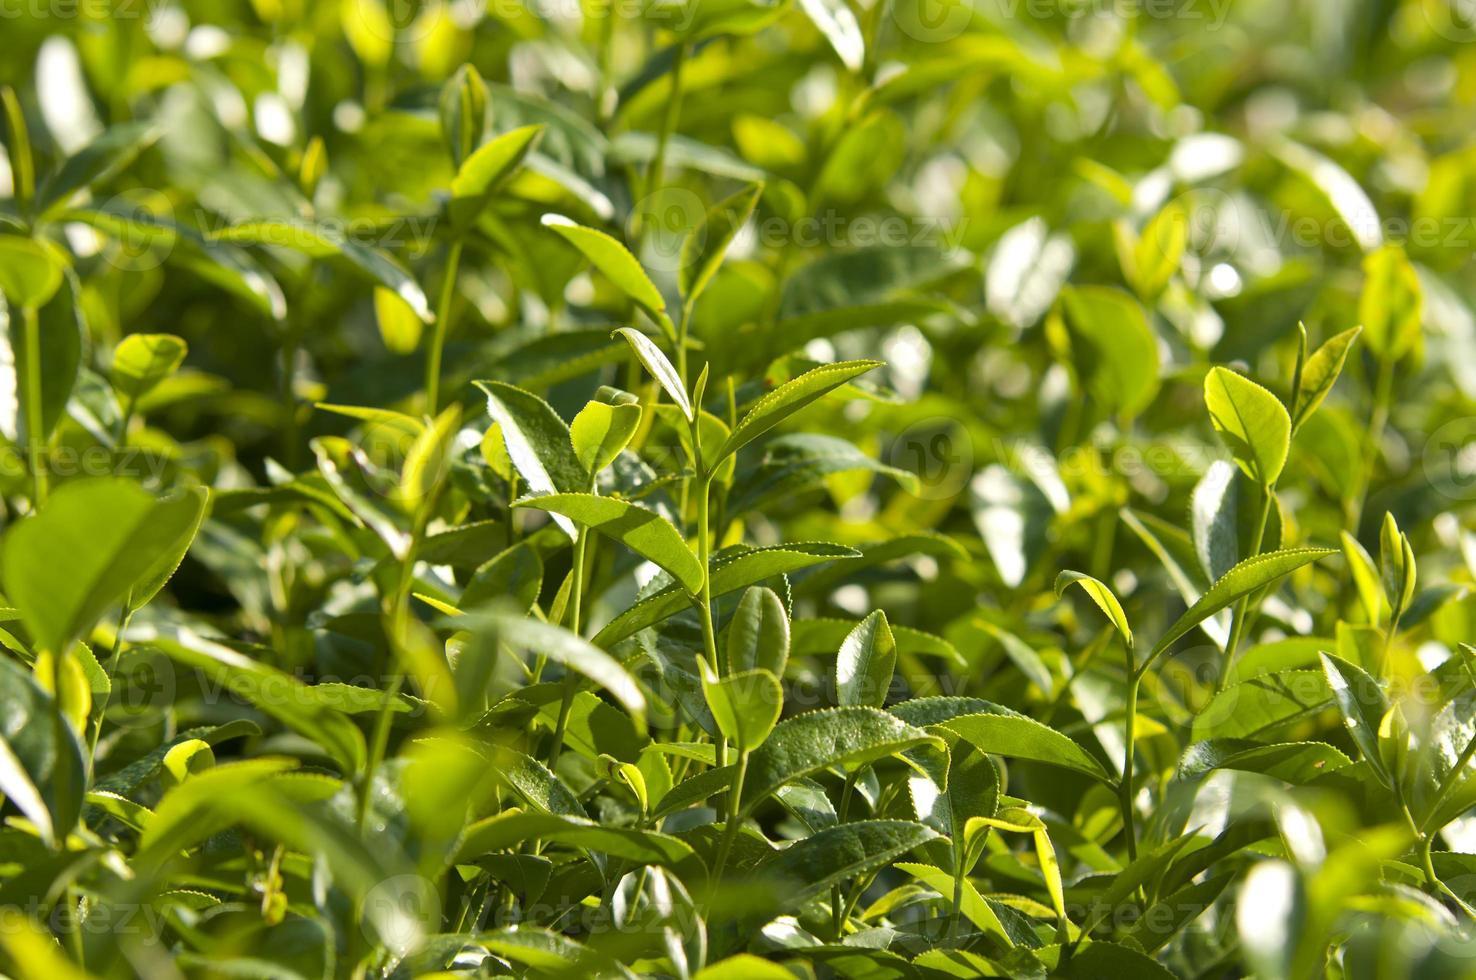 albero del tè asiatico oolong foto